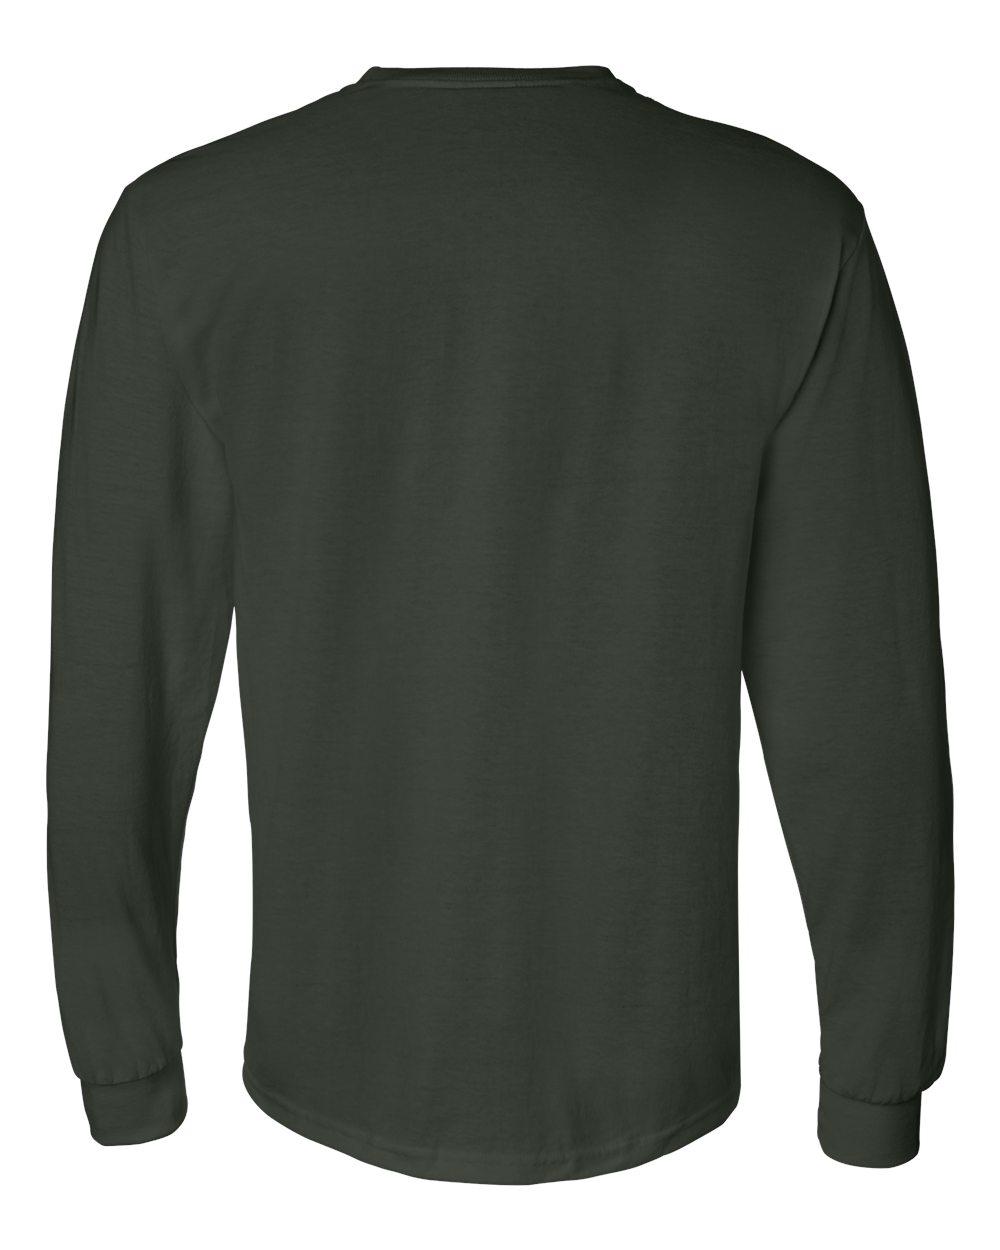 Gildan-Mens-Blank-DryBlend-50-50-Cotton-Long-Sleeve-T-Shirt-8400-up-to-3XL miniature 19